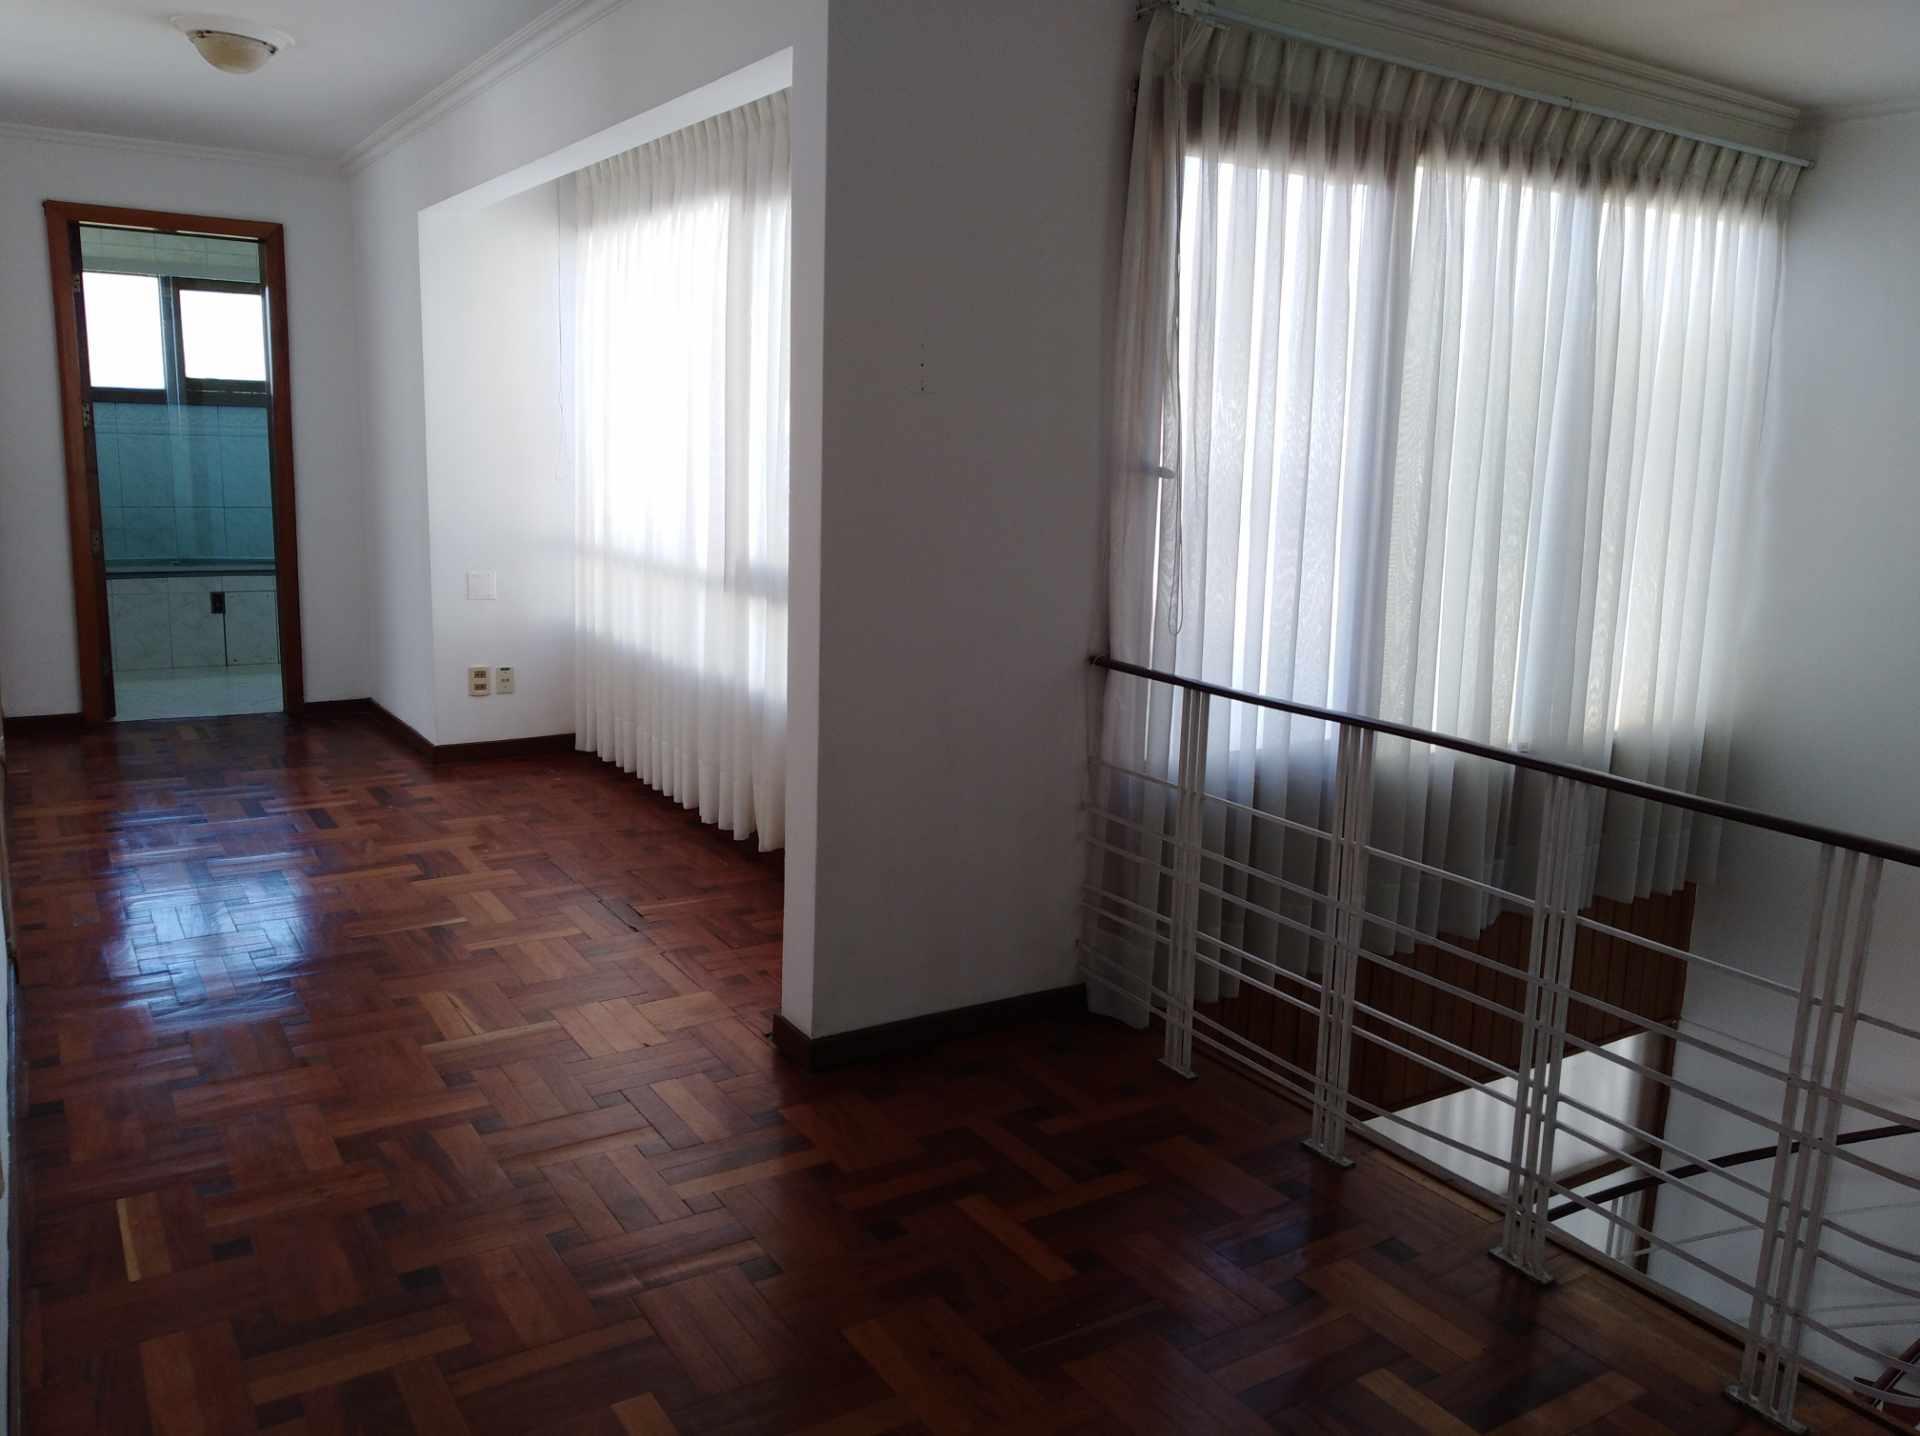 Casa en Alquiler CALACOTO calle 16 a 1/2 cuadra de la Av. Julio C. Patiño.  Foto 17